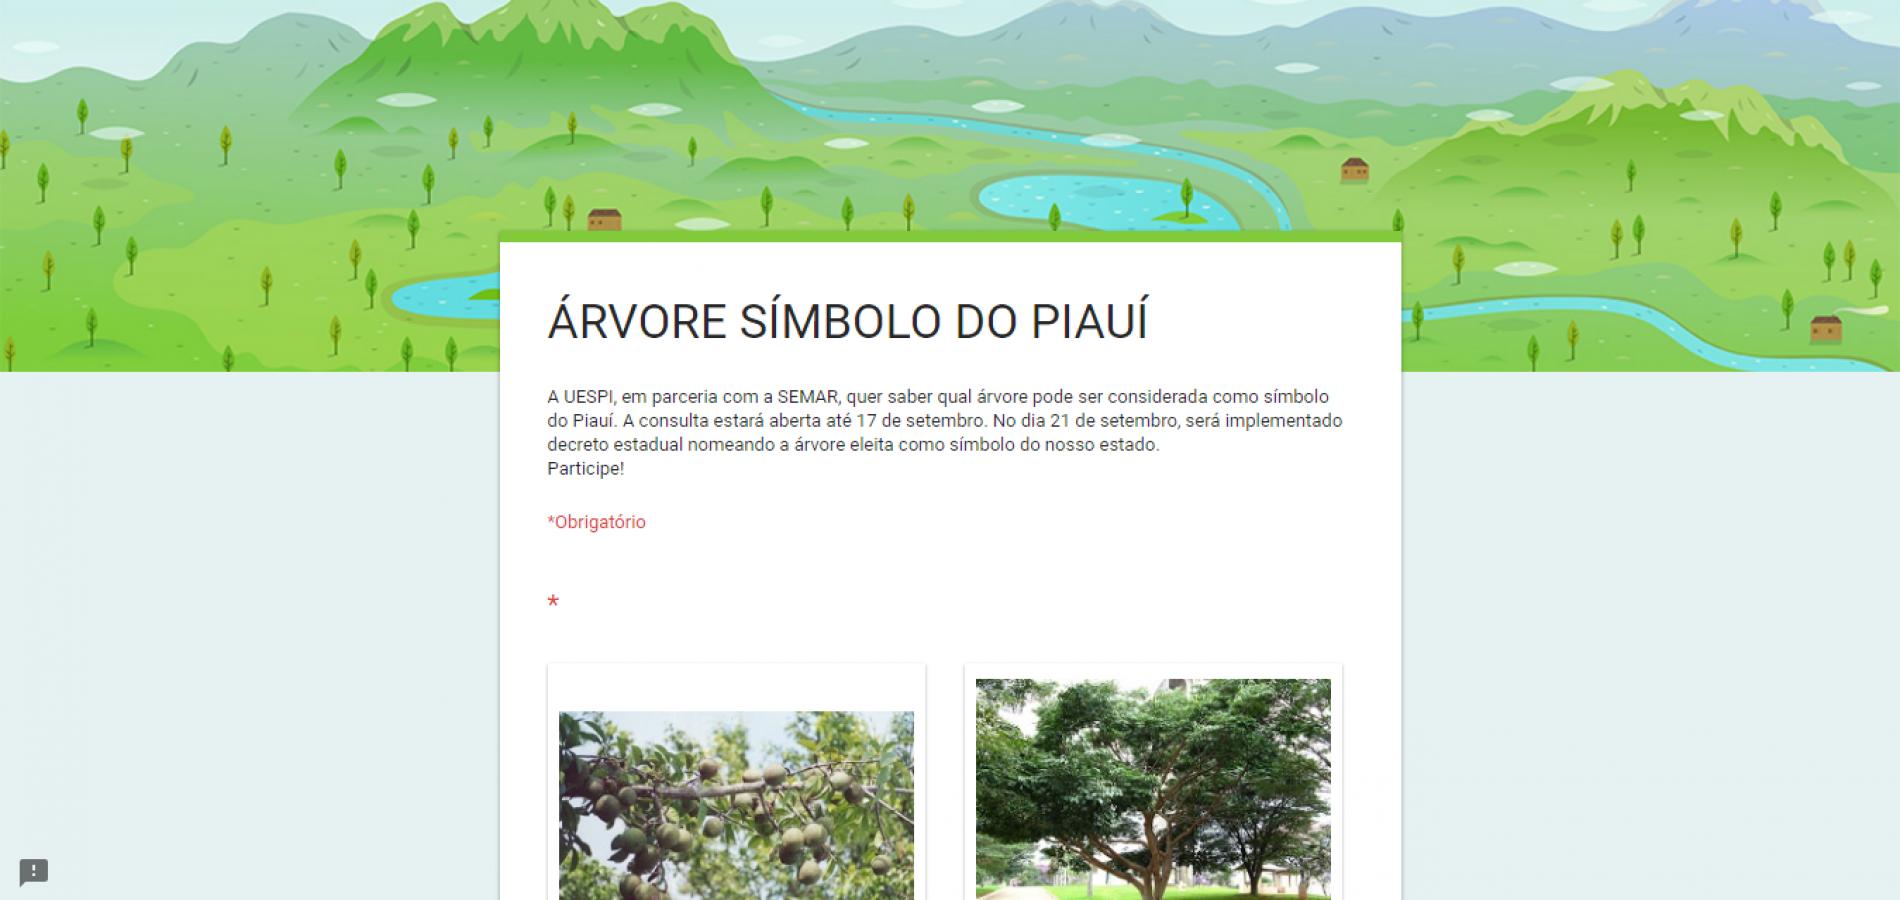 Uespi e Semar realizam consulta para escolher árvore símbolo do Piauí